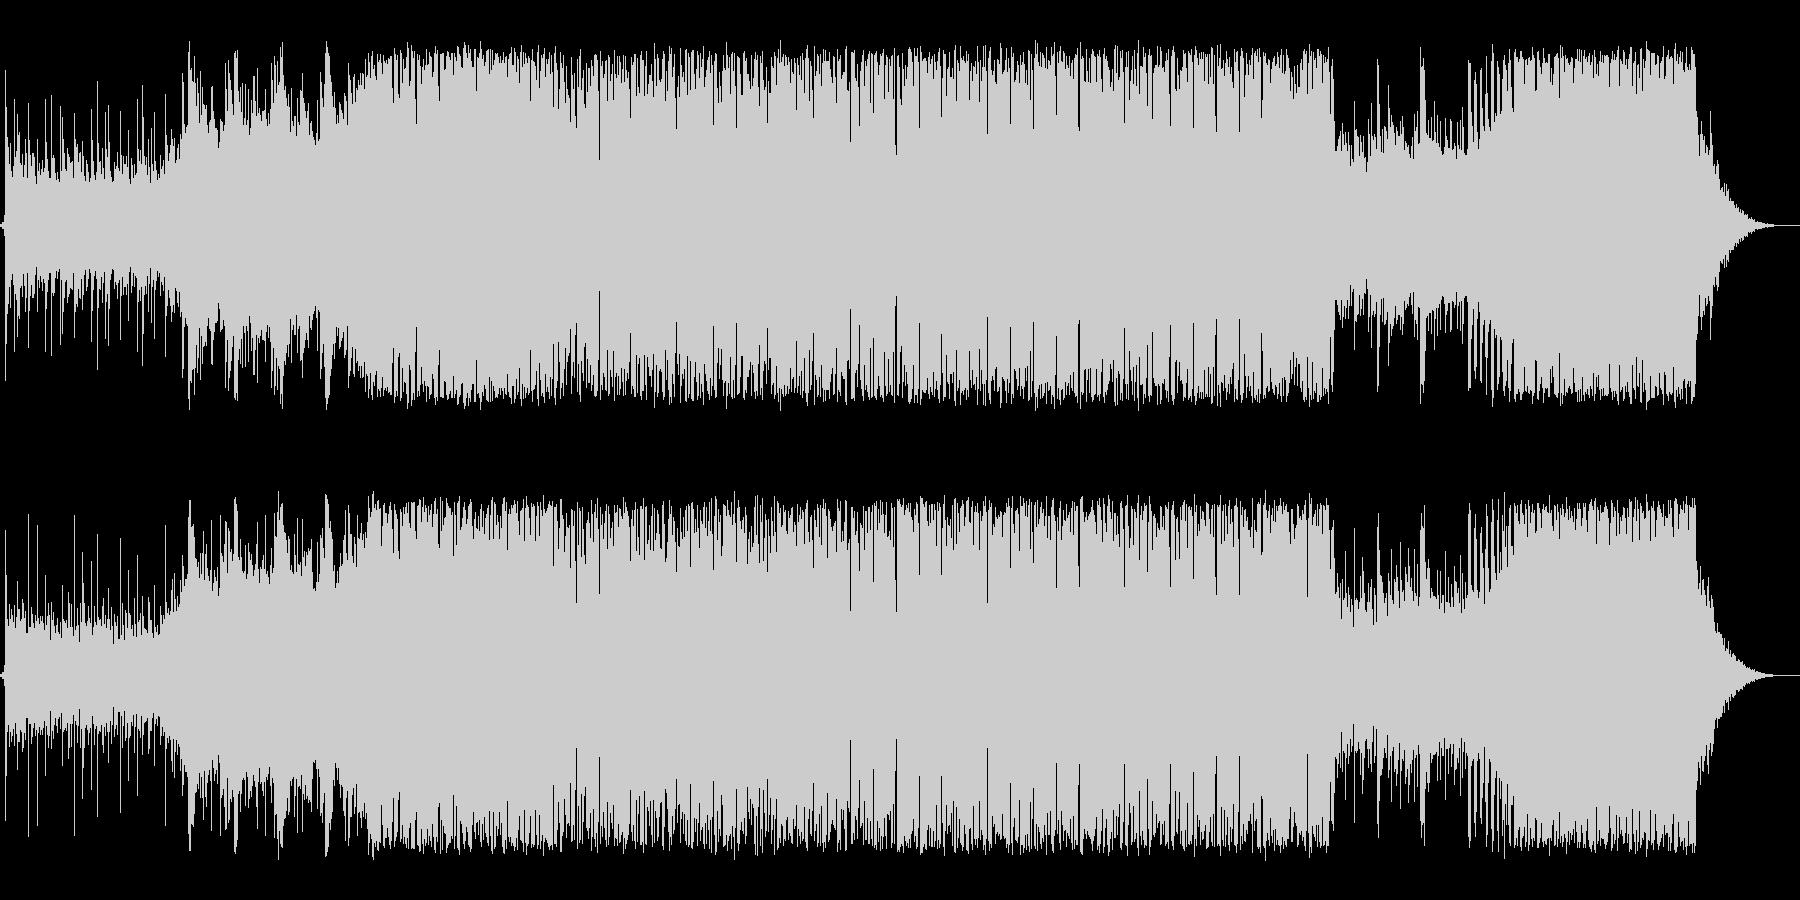 前向きな決意を感じるポップテクノ系BGMの未再生の波形